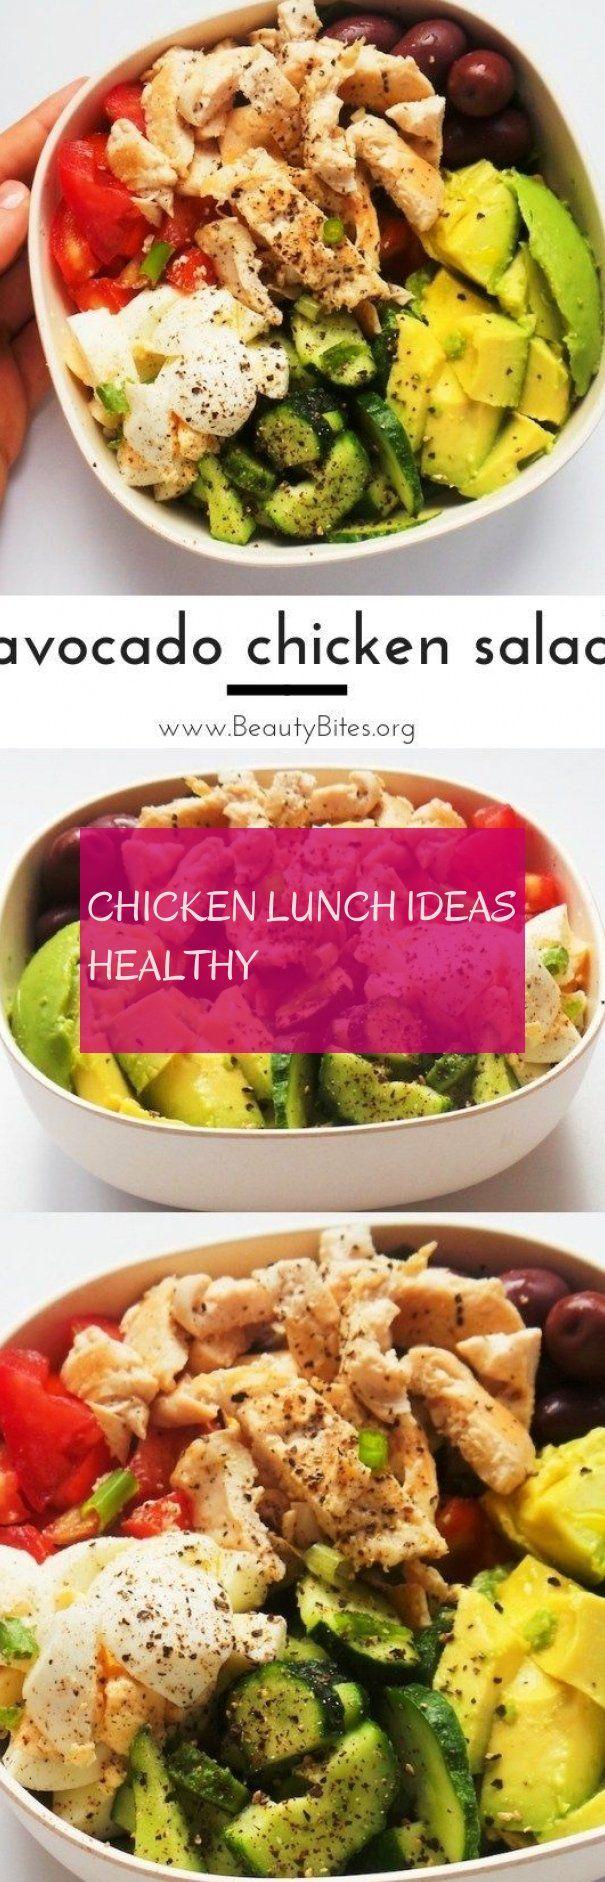 chicken lunch ideas healthy